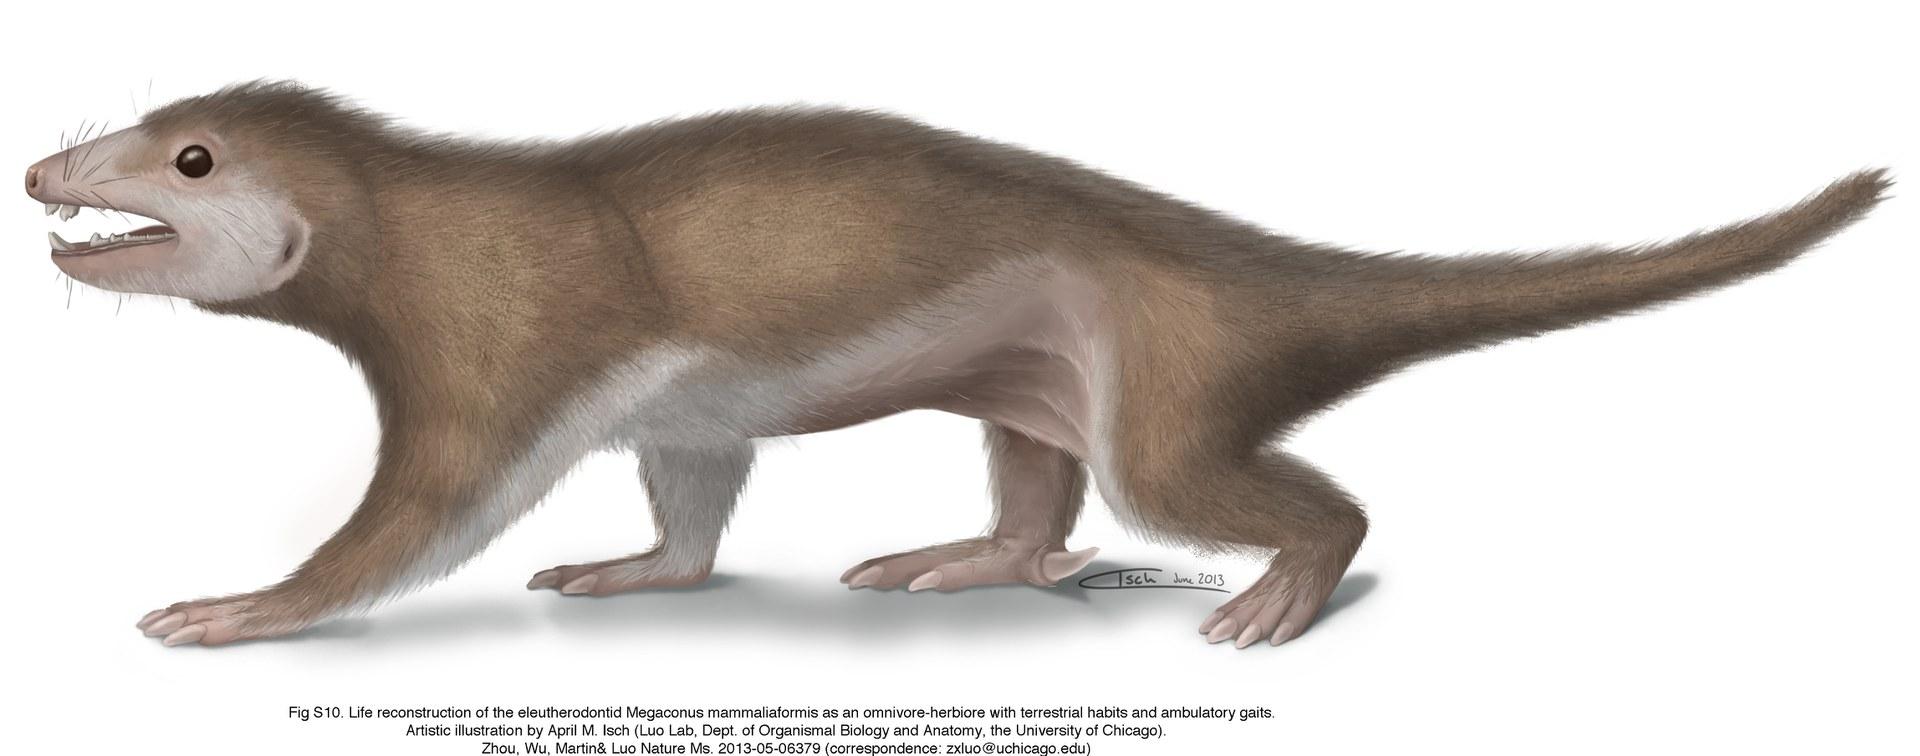 Megaconus mammaliaformis